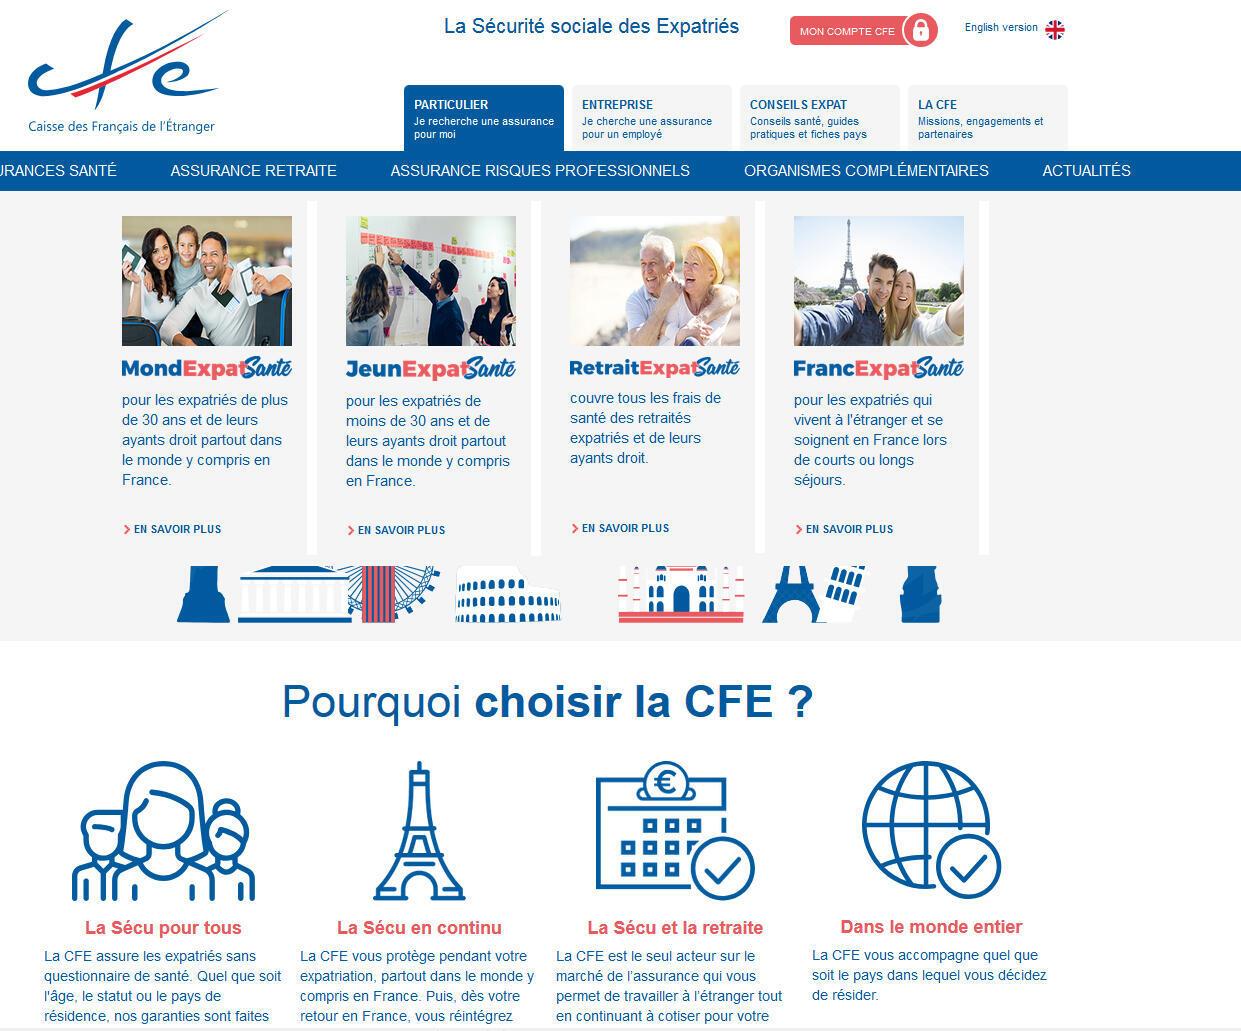 La page d'accueil de la caisse des Français de l'étranger.